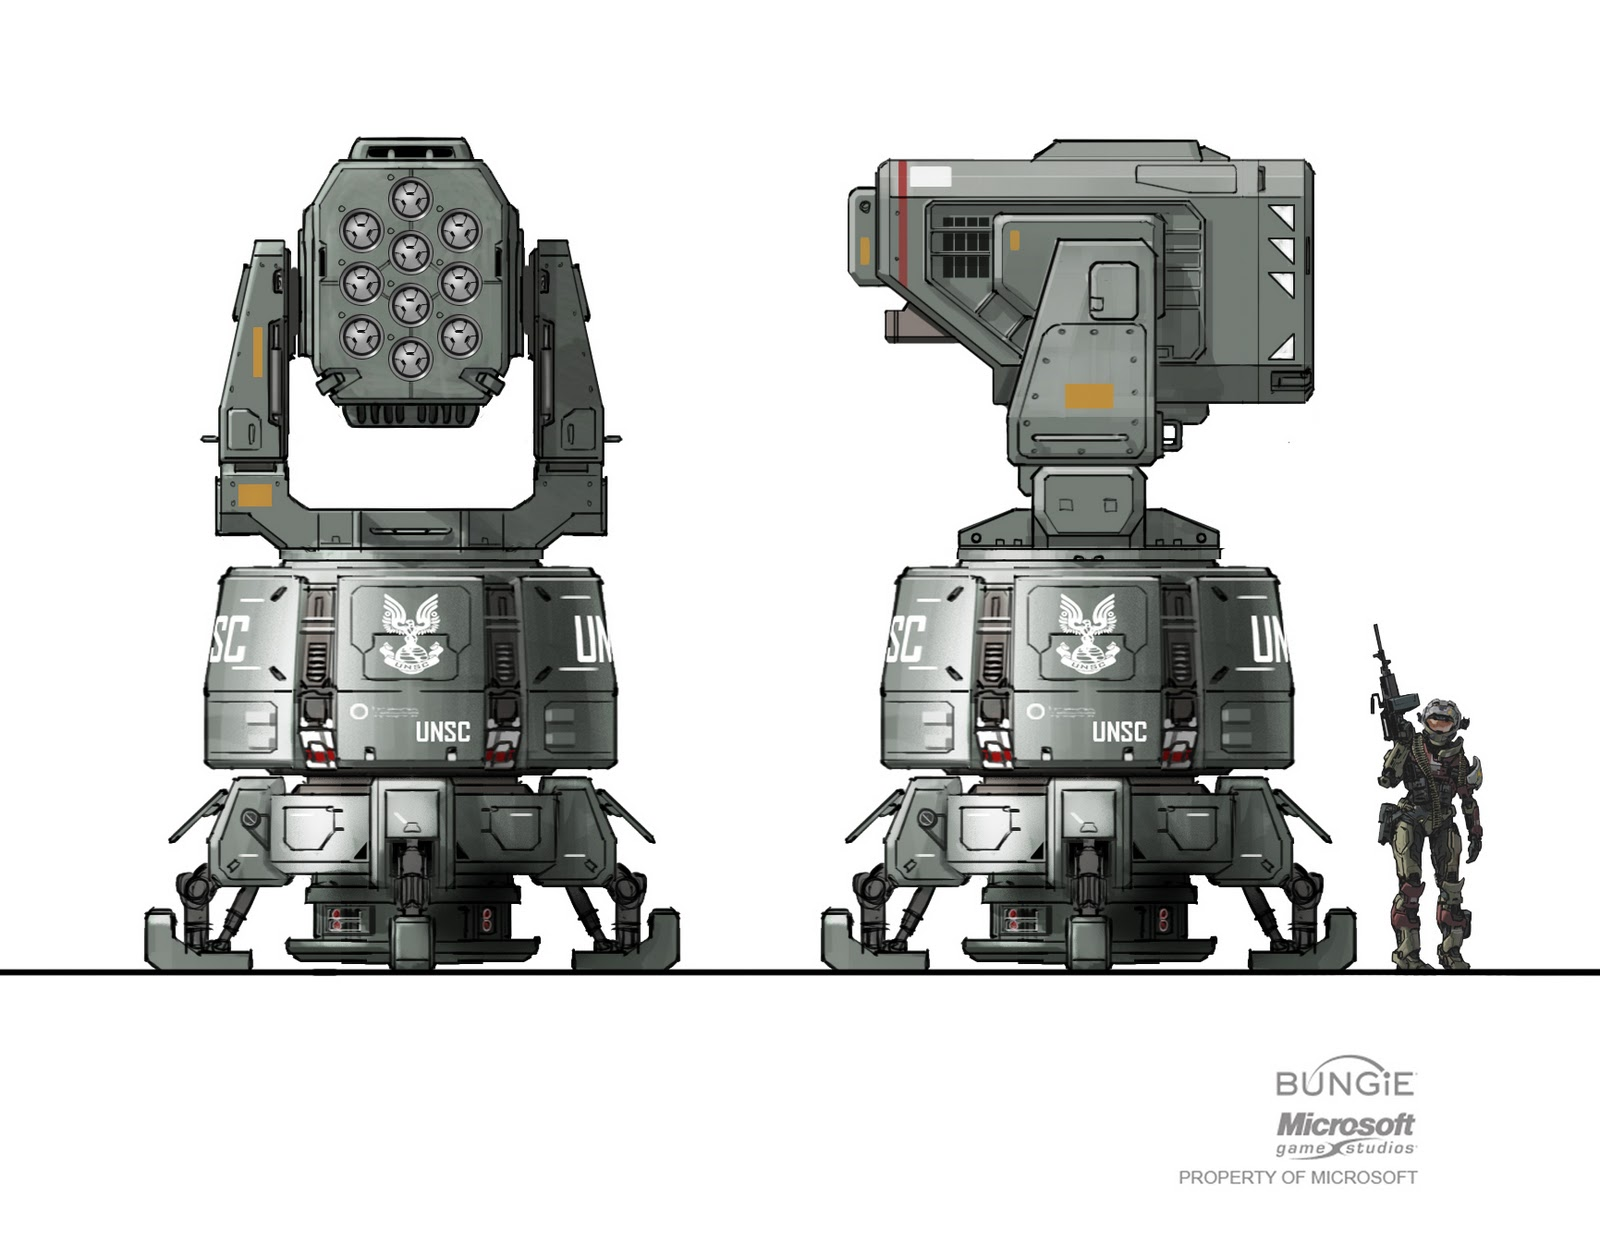 Halo Concepts Image CanadaMan7 Mod DB